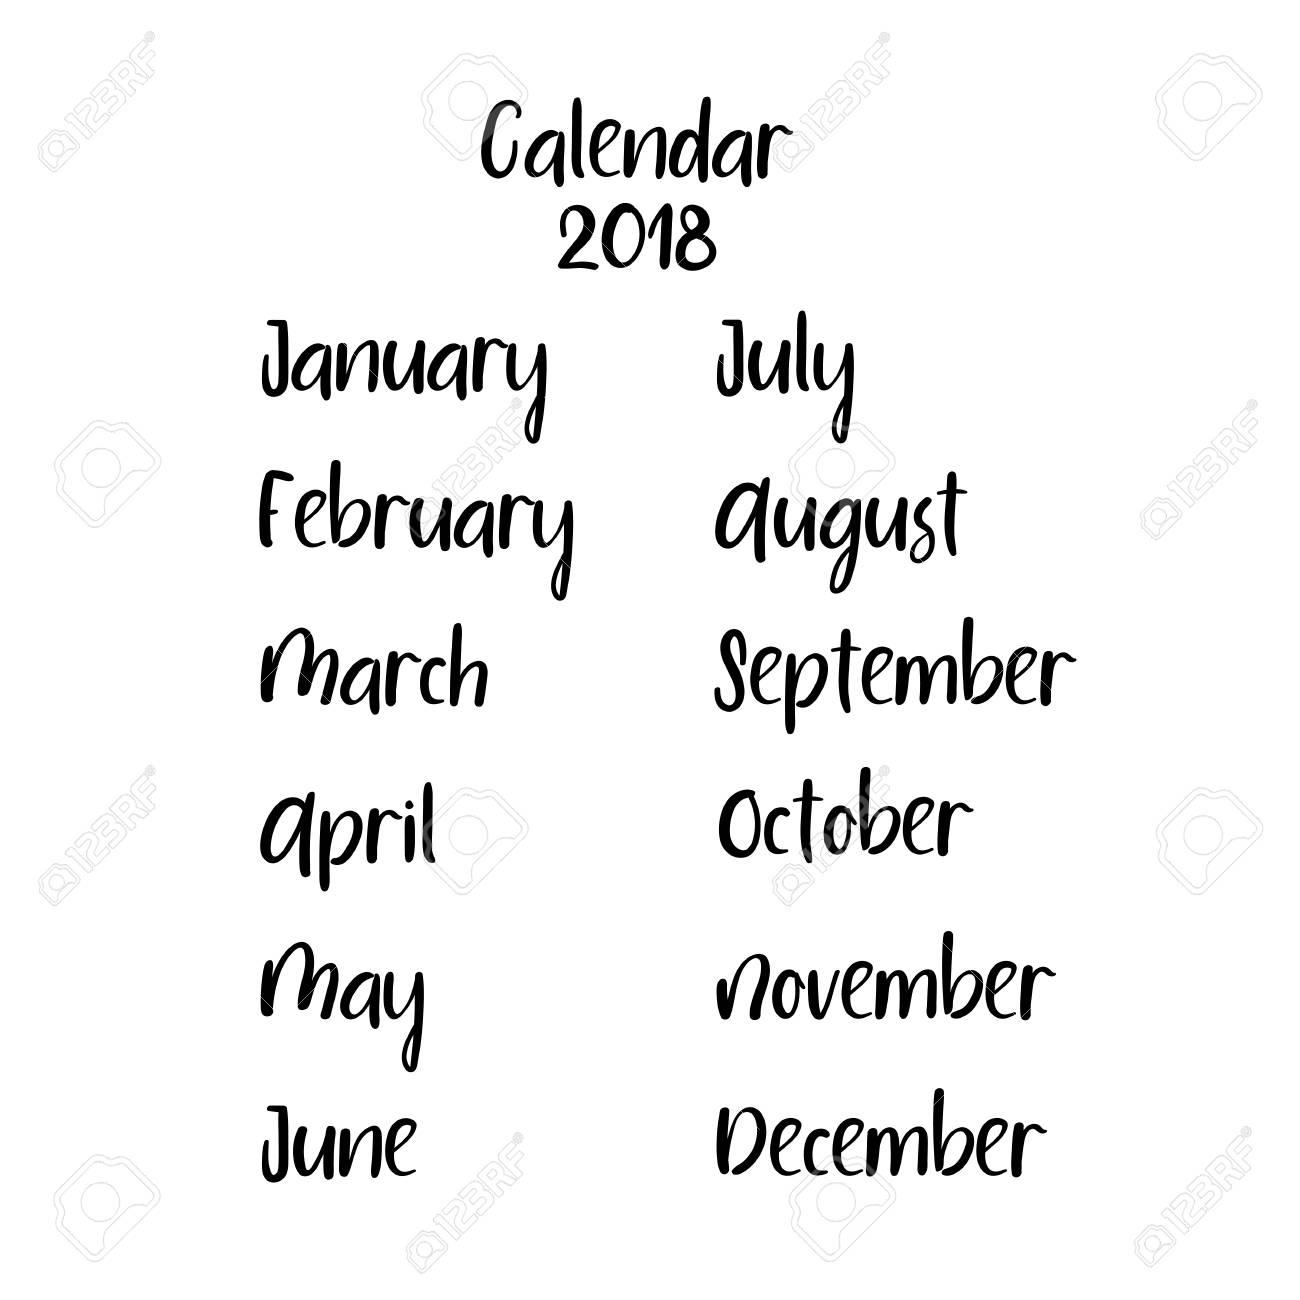 Handwritten Names Of Months Modern Calligraphy Vector Calendar 2018 Stock